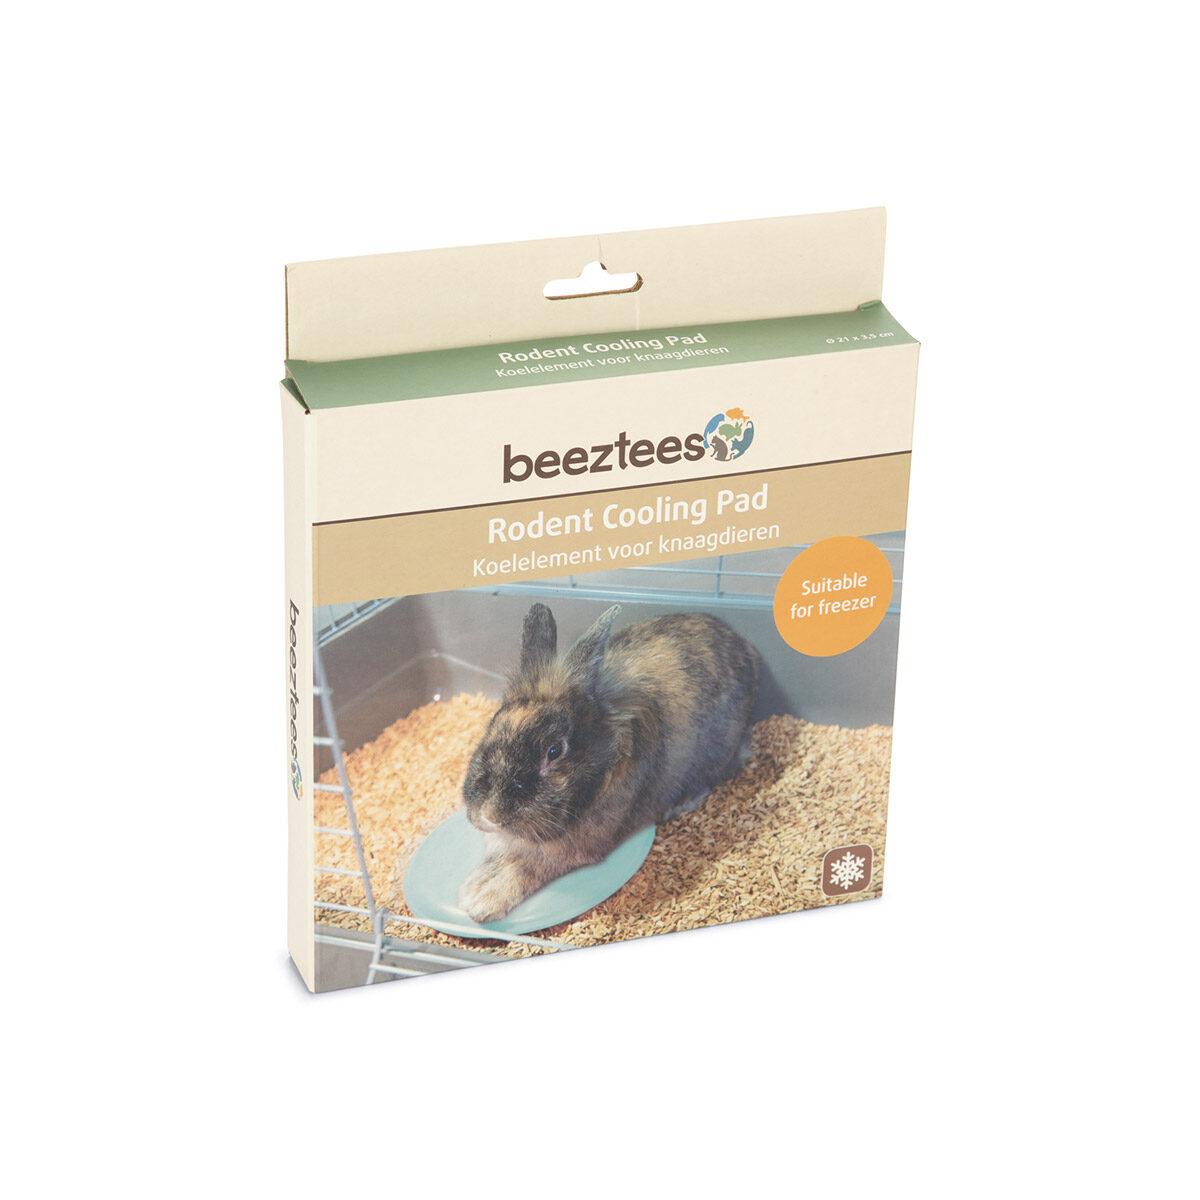 Beeztees koelschijf voor konijnen en knaagdieren